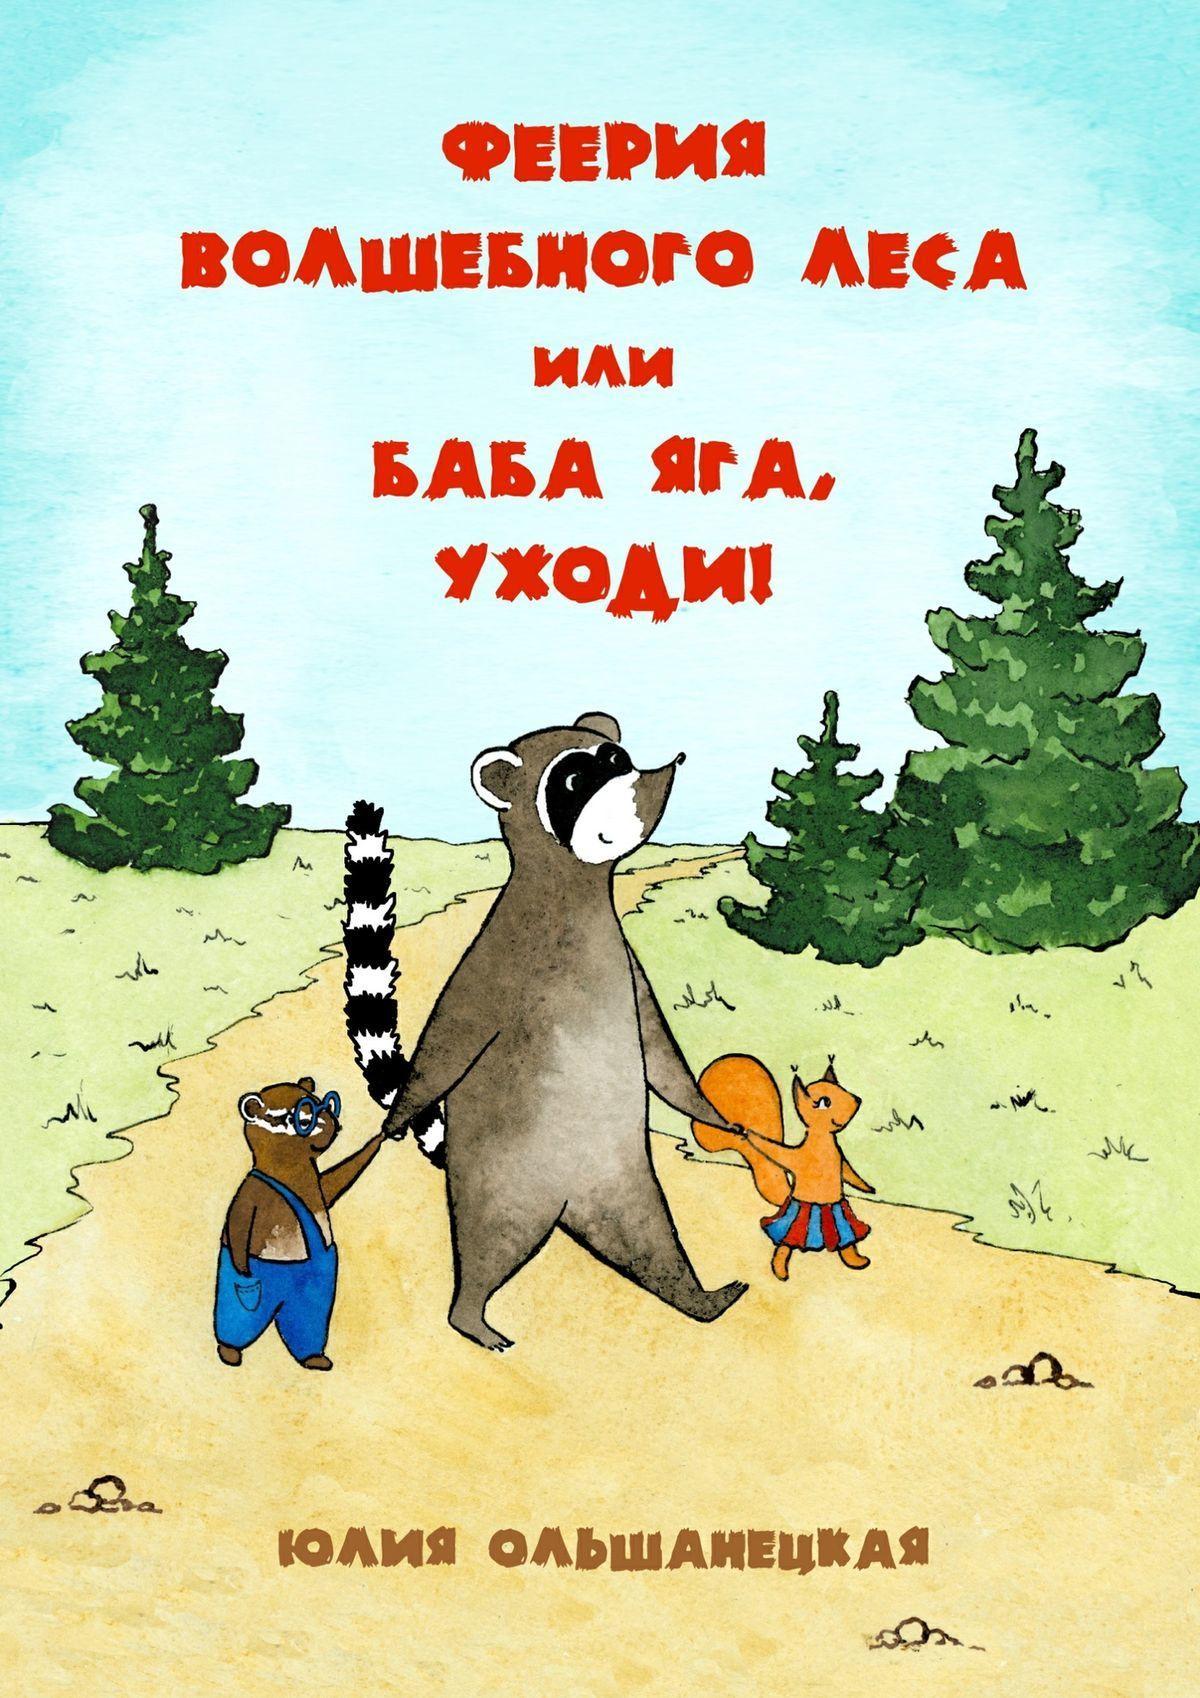 Юлия Ольшанецкая. Феерия волшебного леса, или Баба Яга, уходи!